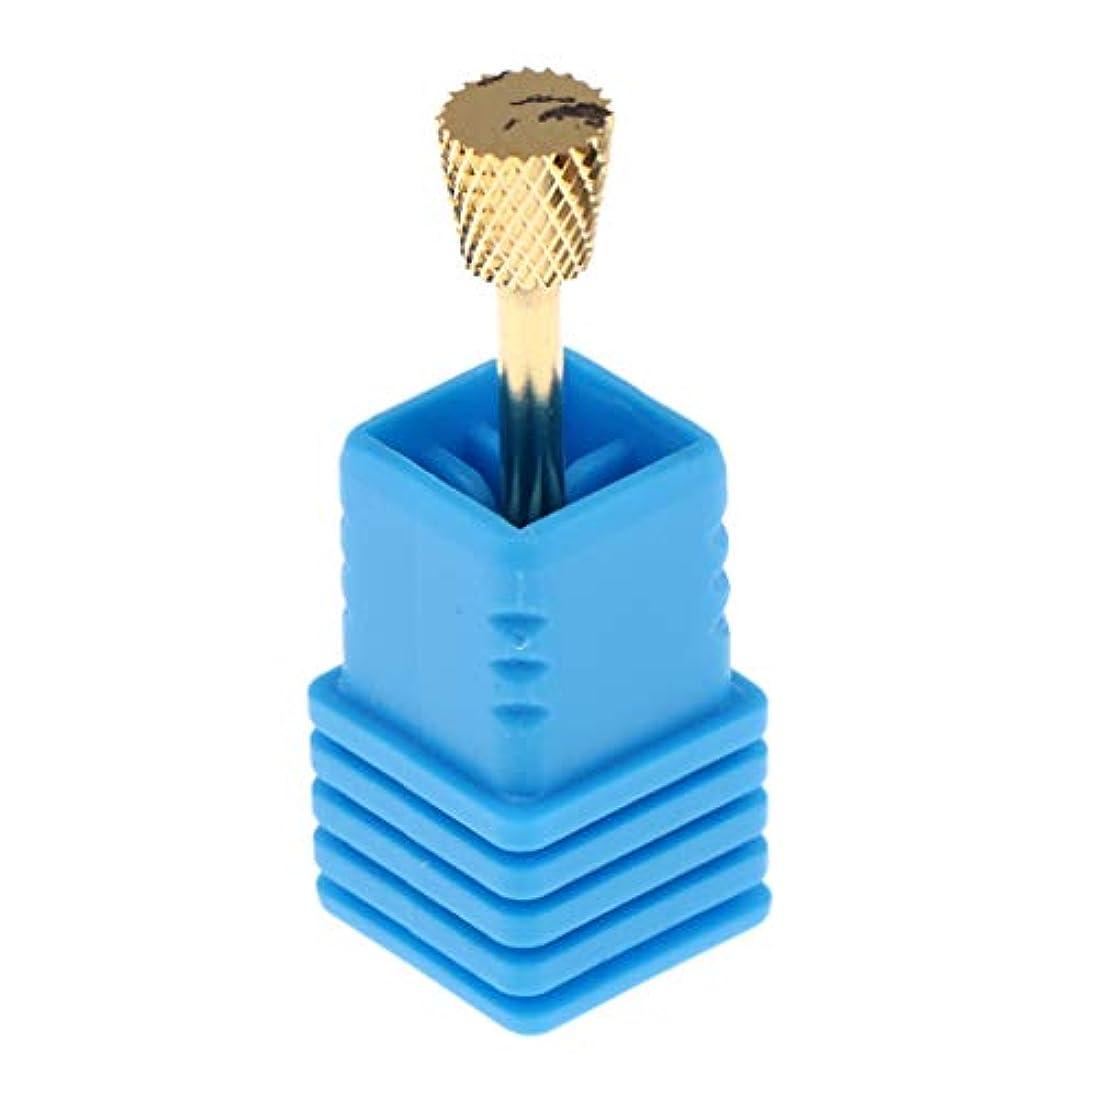 お手入れ緯度タックT TOOYFUL 全8サイズ 電気ネイルドリルビット ネイルドリルペンビット プロ ネイルアート用 - STZJ9 3.2cm